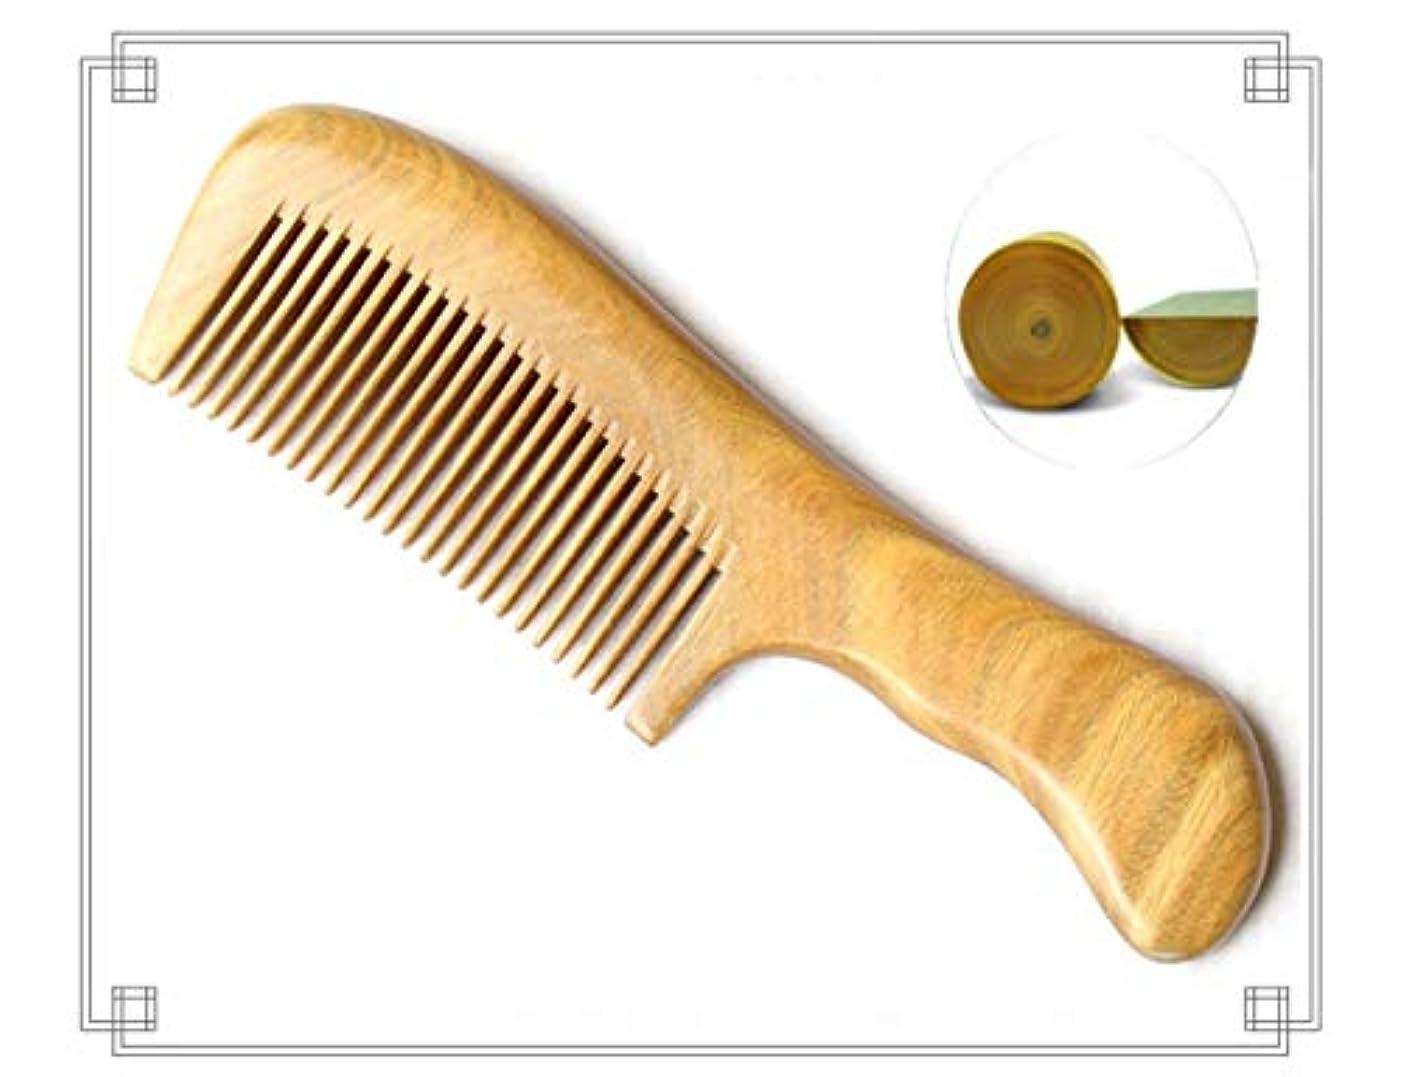 セイはさておきやがてカウボーイ高級木製櫛 天然 绿檀木櫛 くし クシ 静電防止 抜け毛を防ぐ 頭皮ケア ヘアケア マッサージ頭皮 お土産母の日ギフト 男性と女性の両方が使用することができます